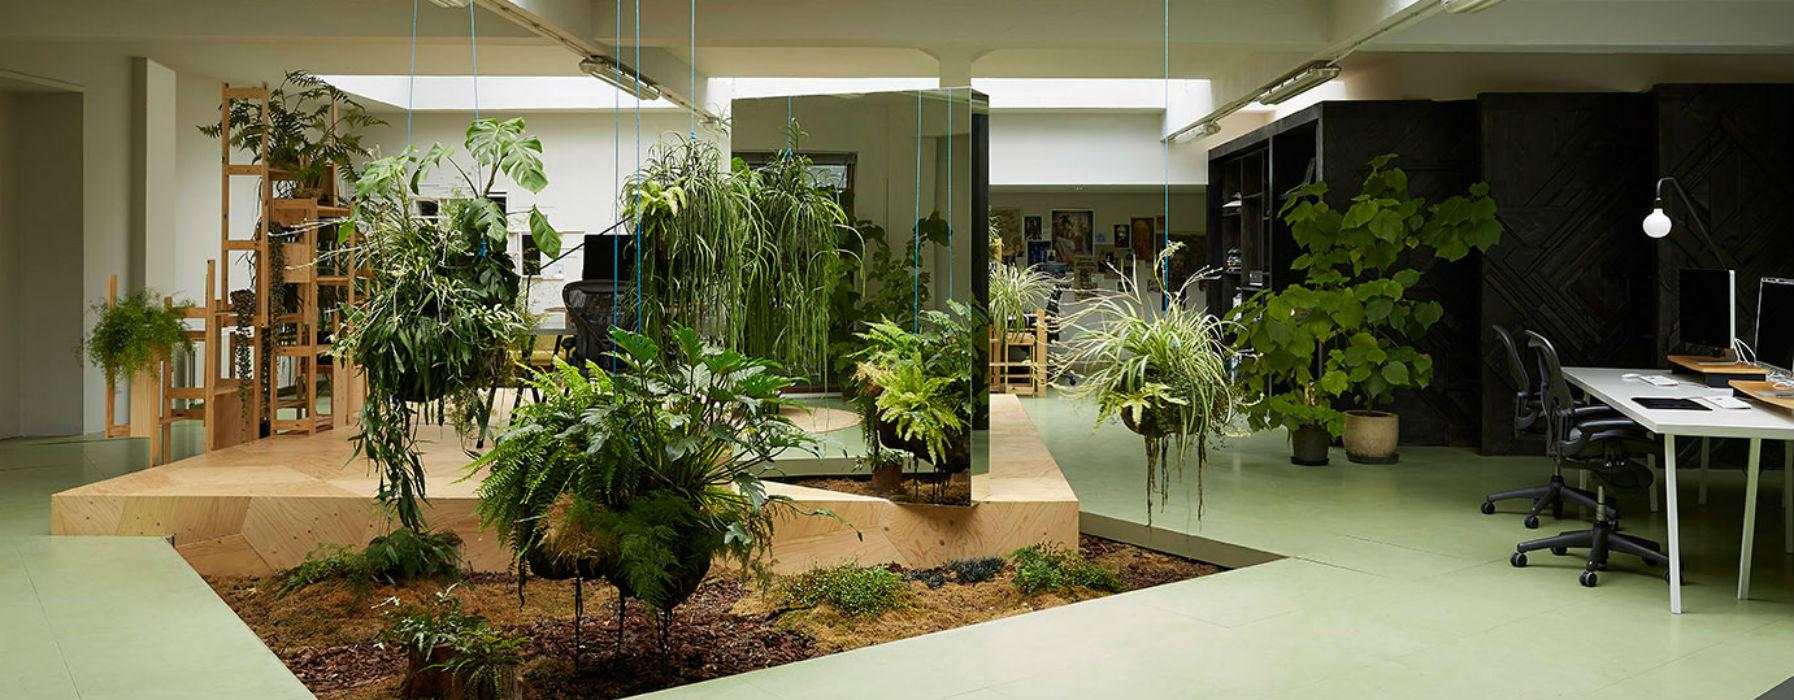 Progettazione e manutenzione giardini a milano for Piante da interno